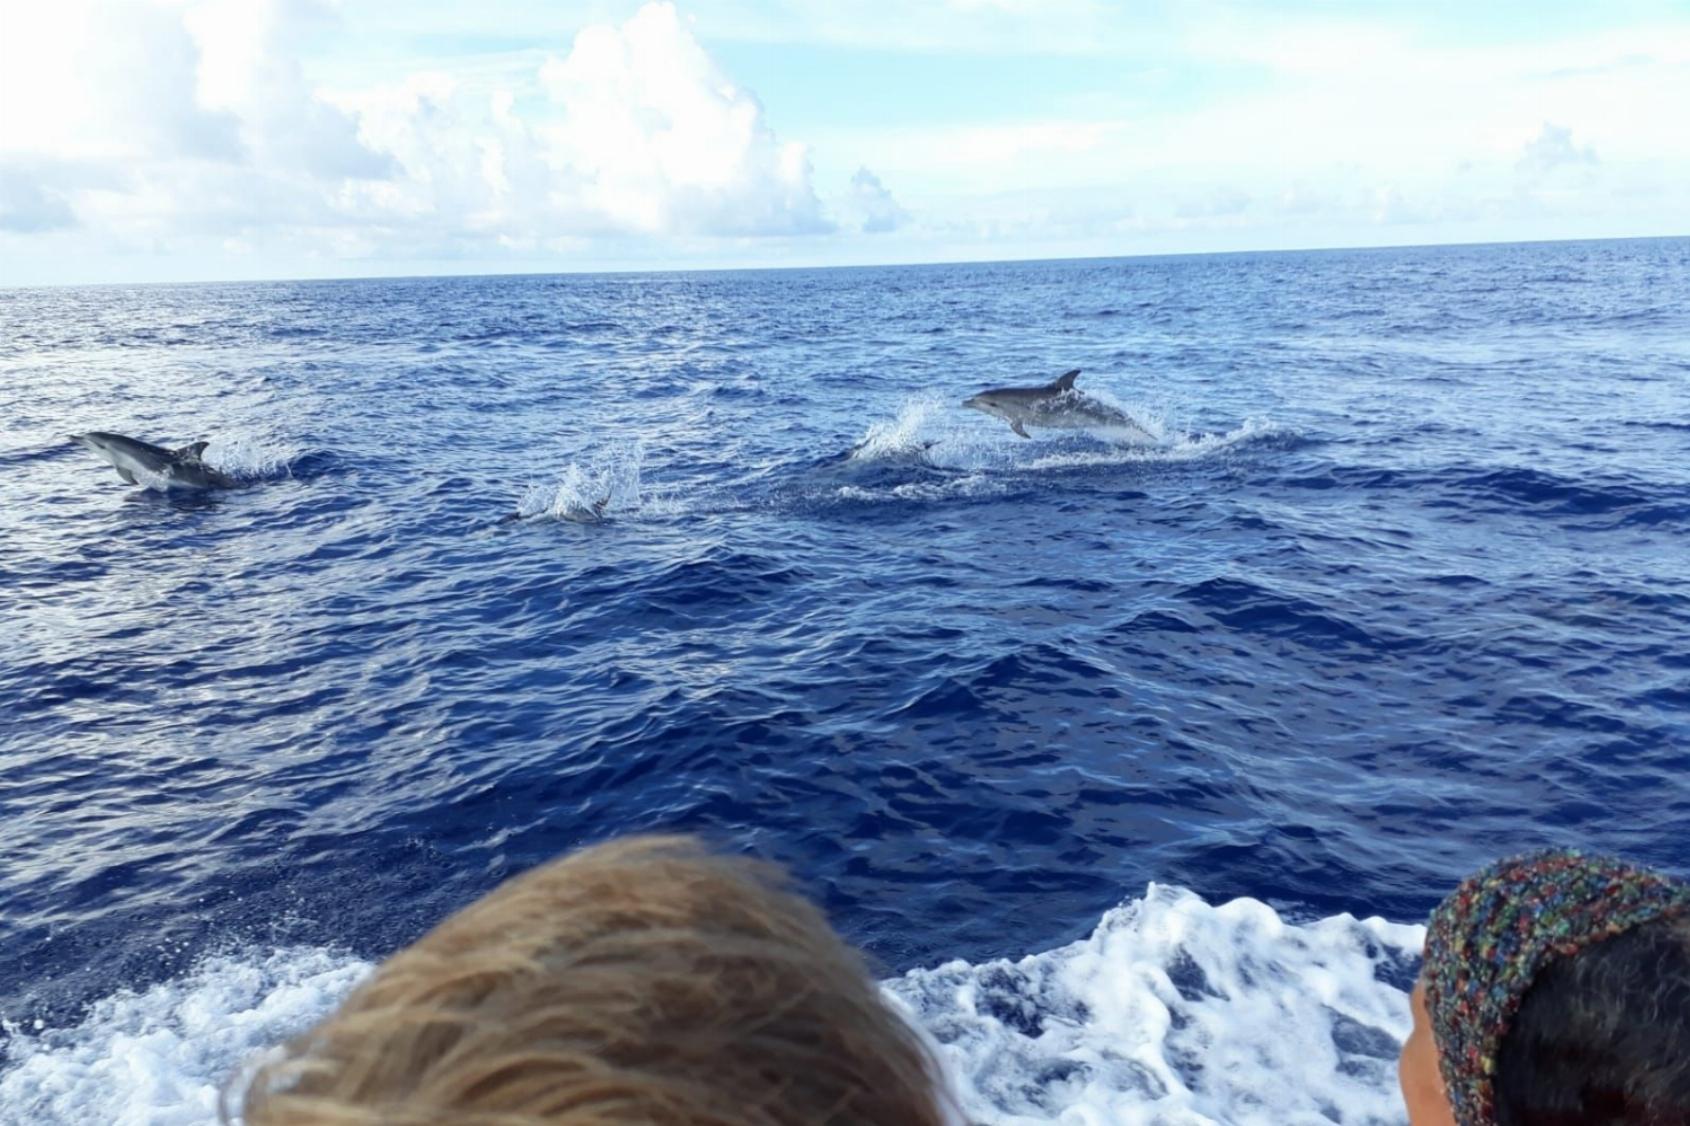 Dolfijnen – Mensen – Walvissen in verbinding en in jezelf